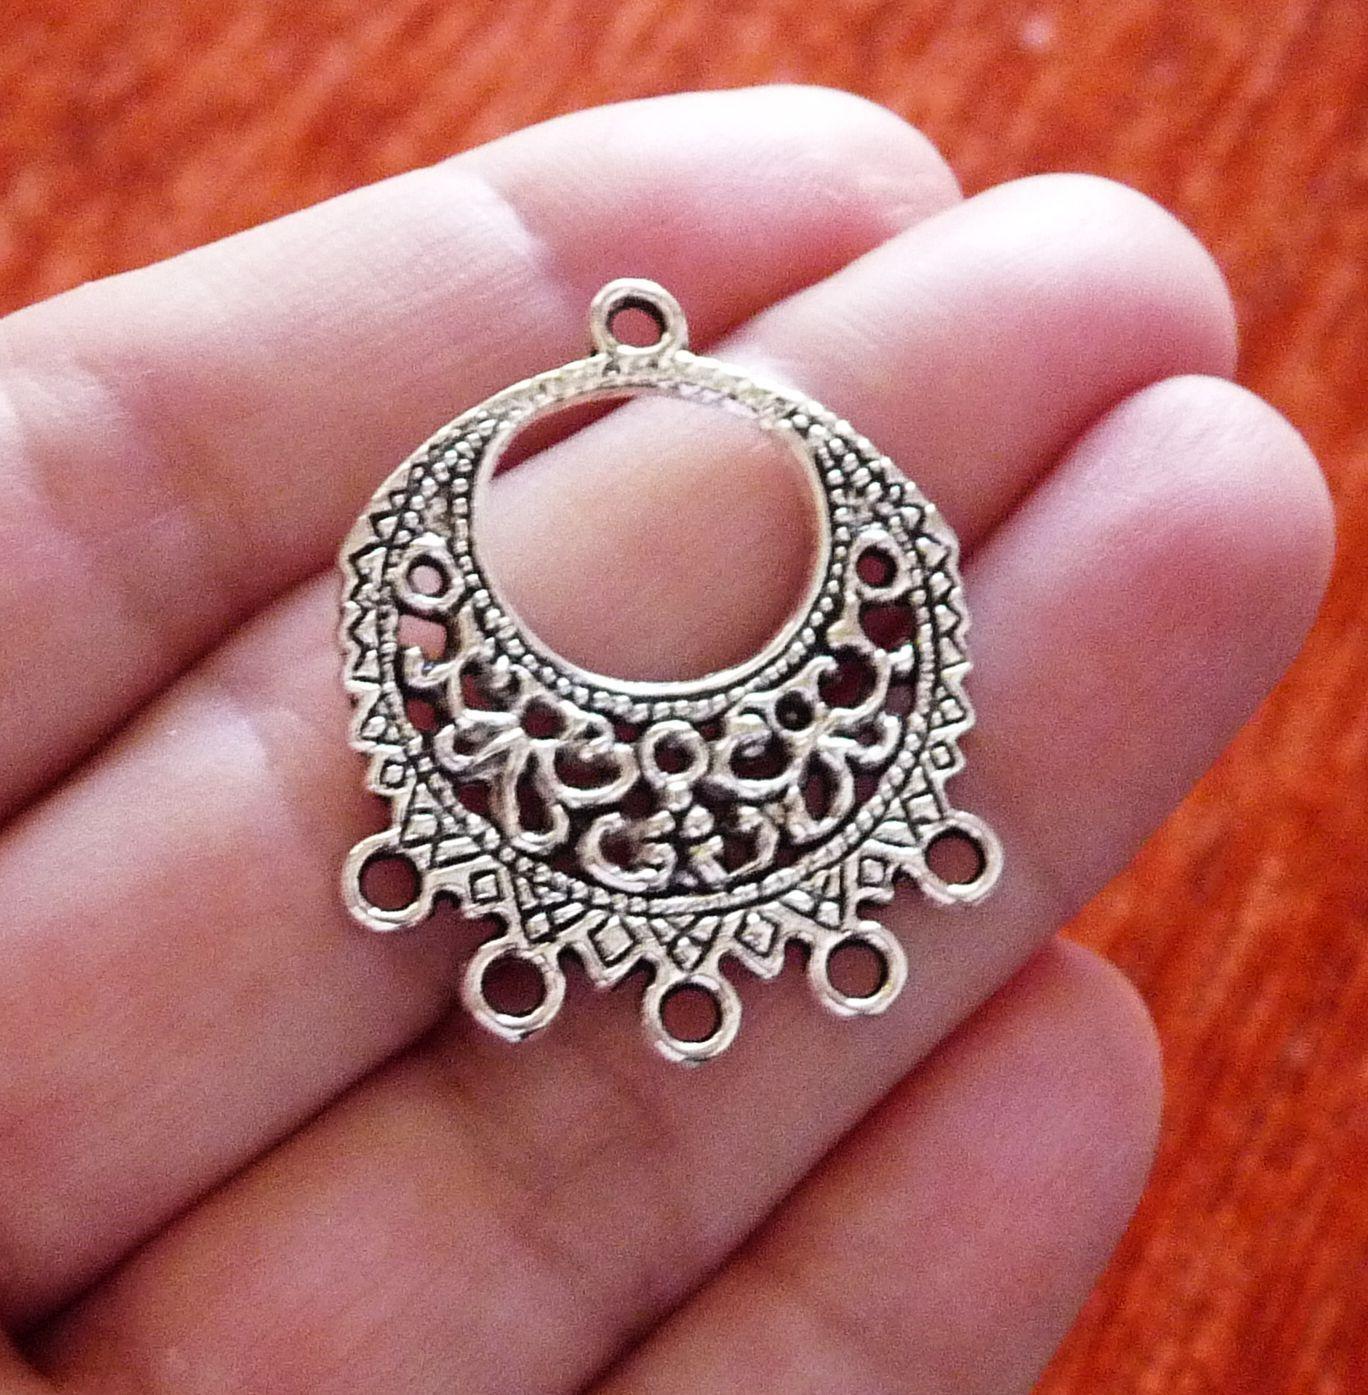 6x Fan Chandelier Earring Findings 7 Hole Multi Connector Pendant Jewelry Making